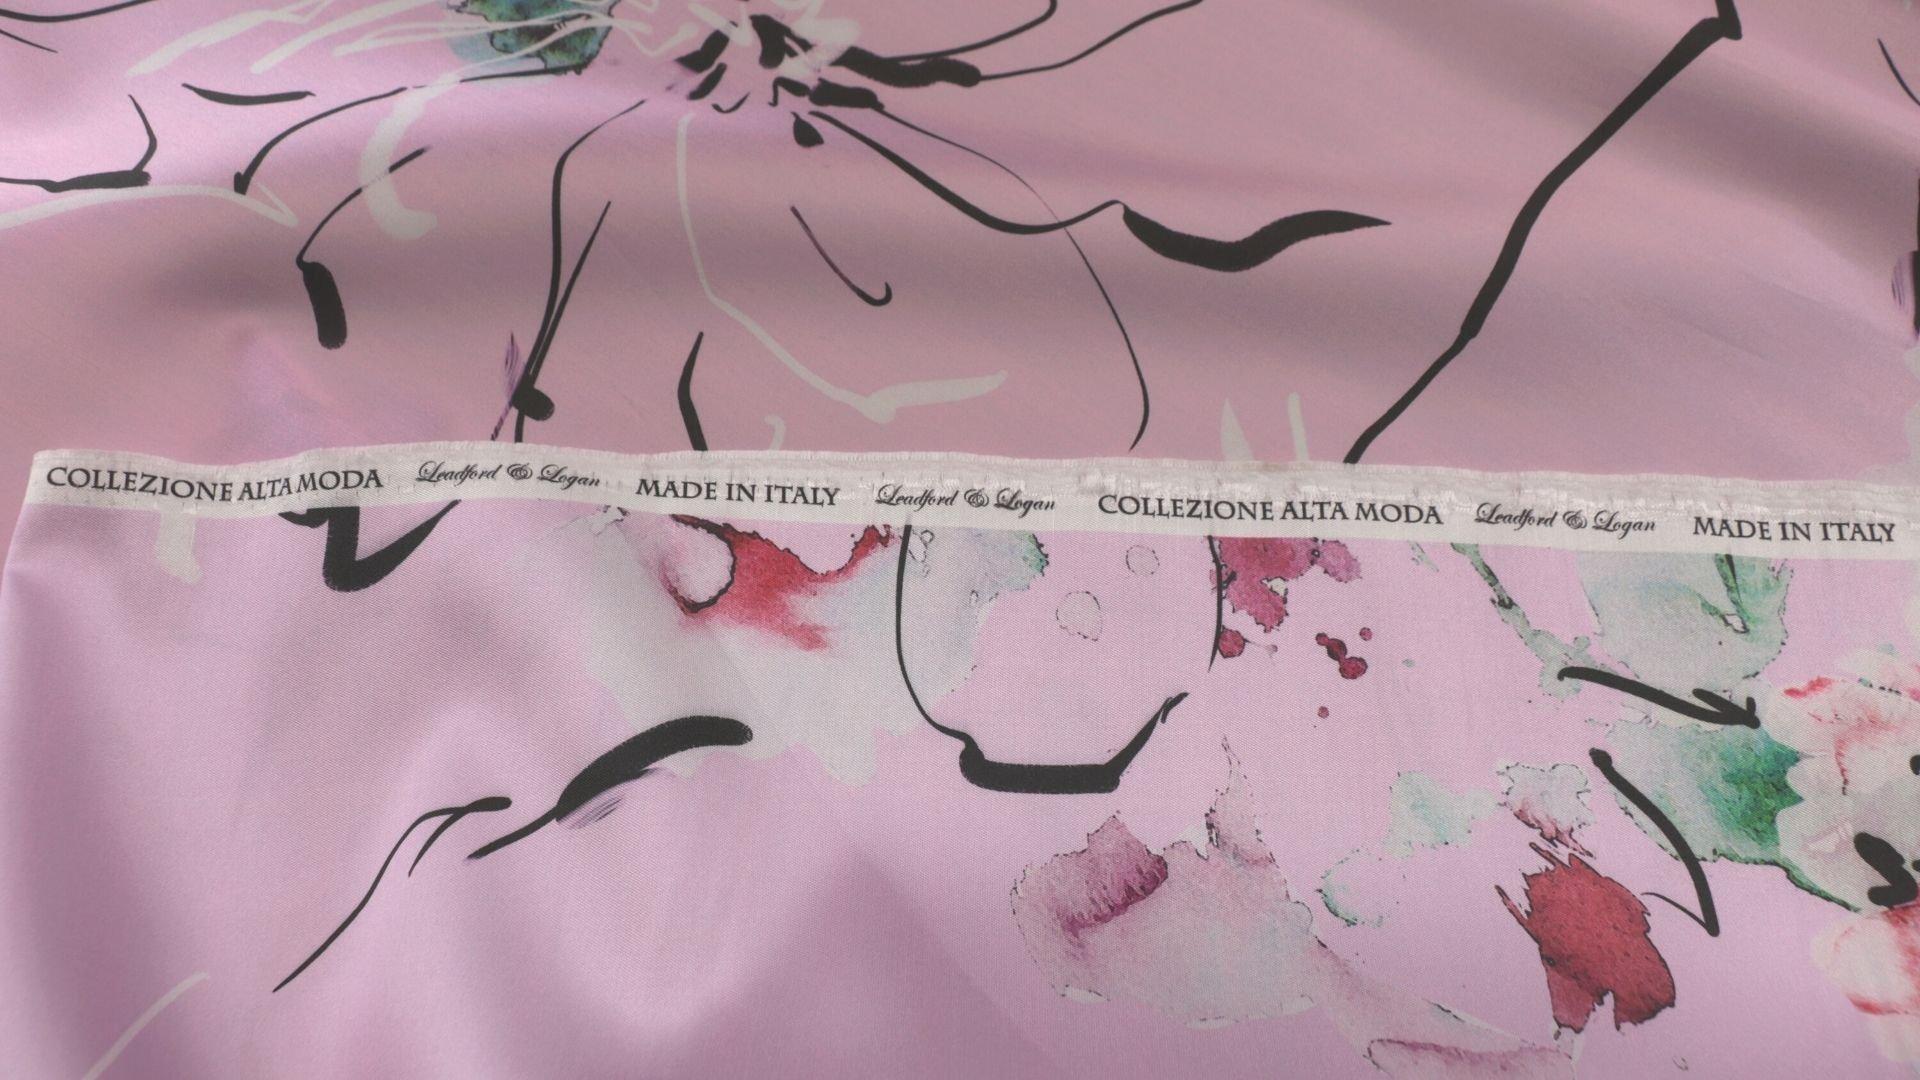 il particolare del tessuto valencian disegno 804, appartenente alla categoria stampe-poliestere-fibremiste, di Leadford & Logan